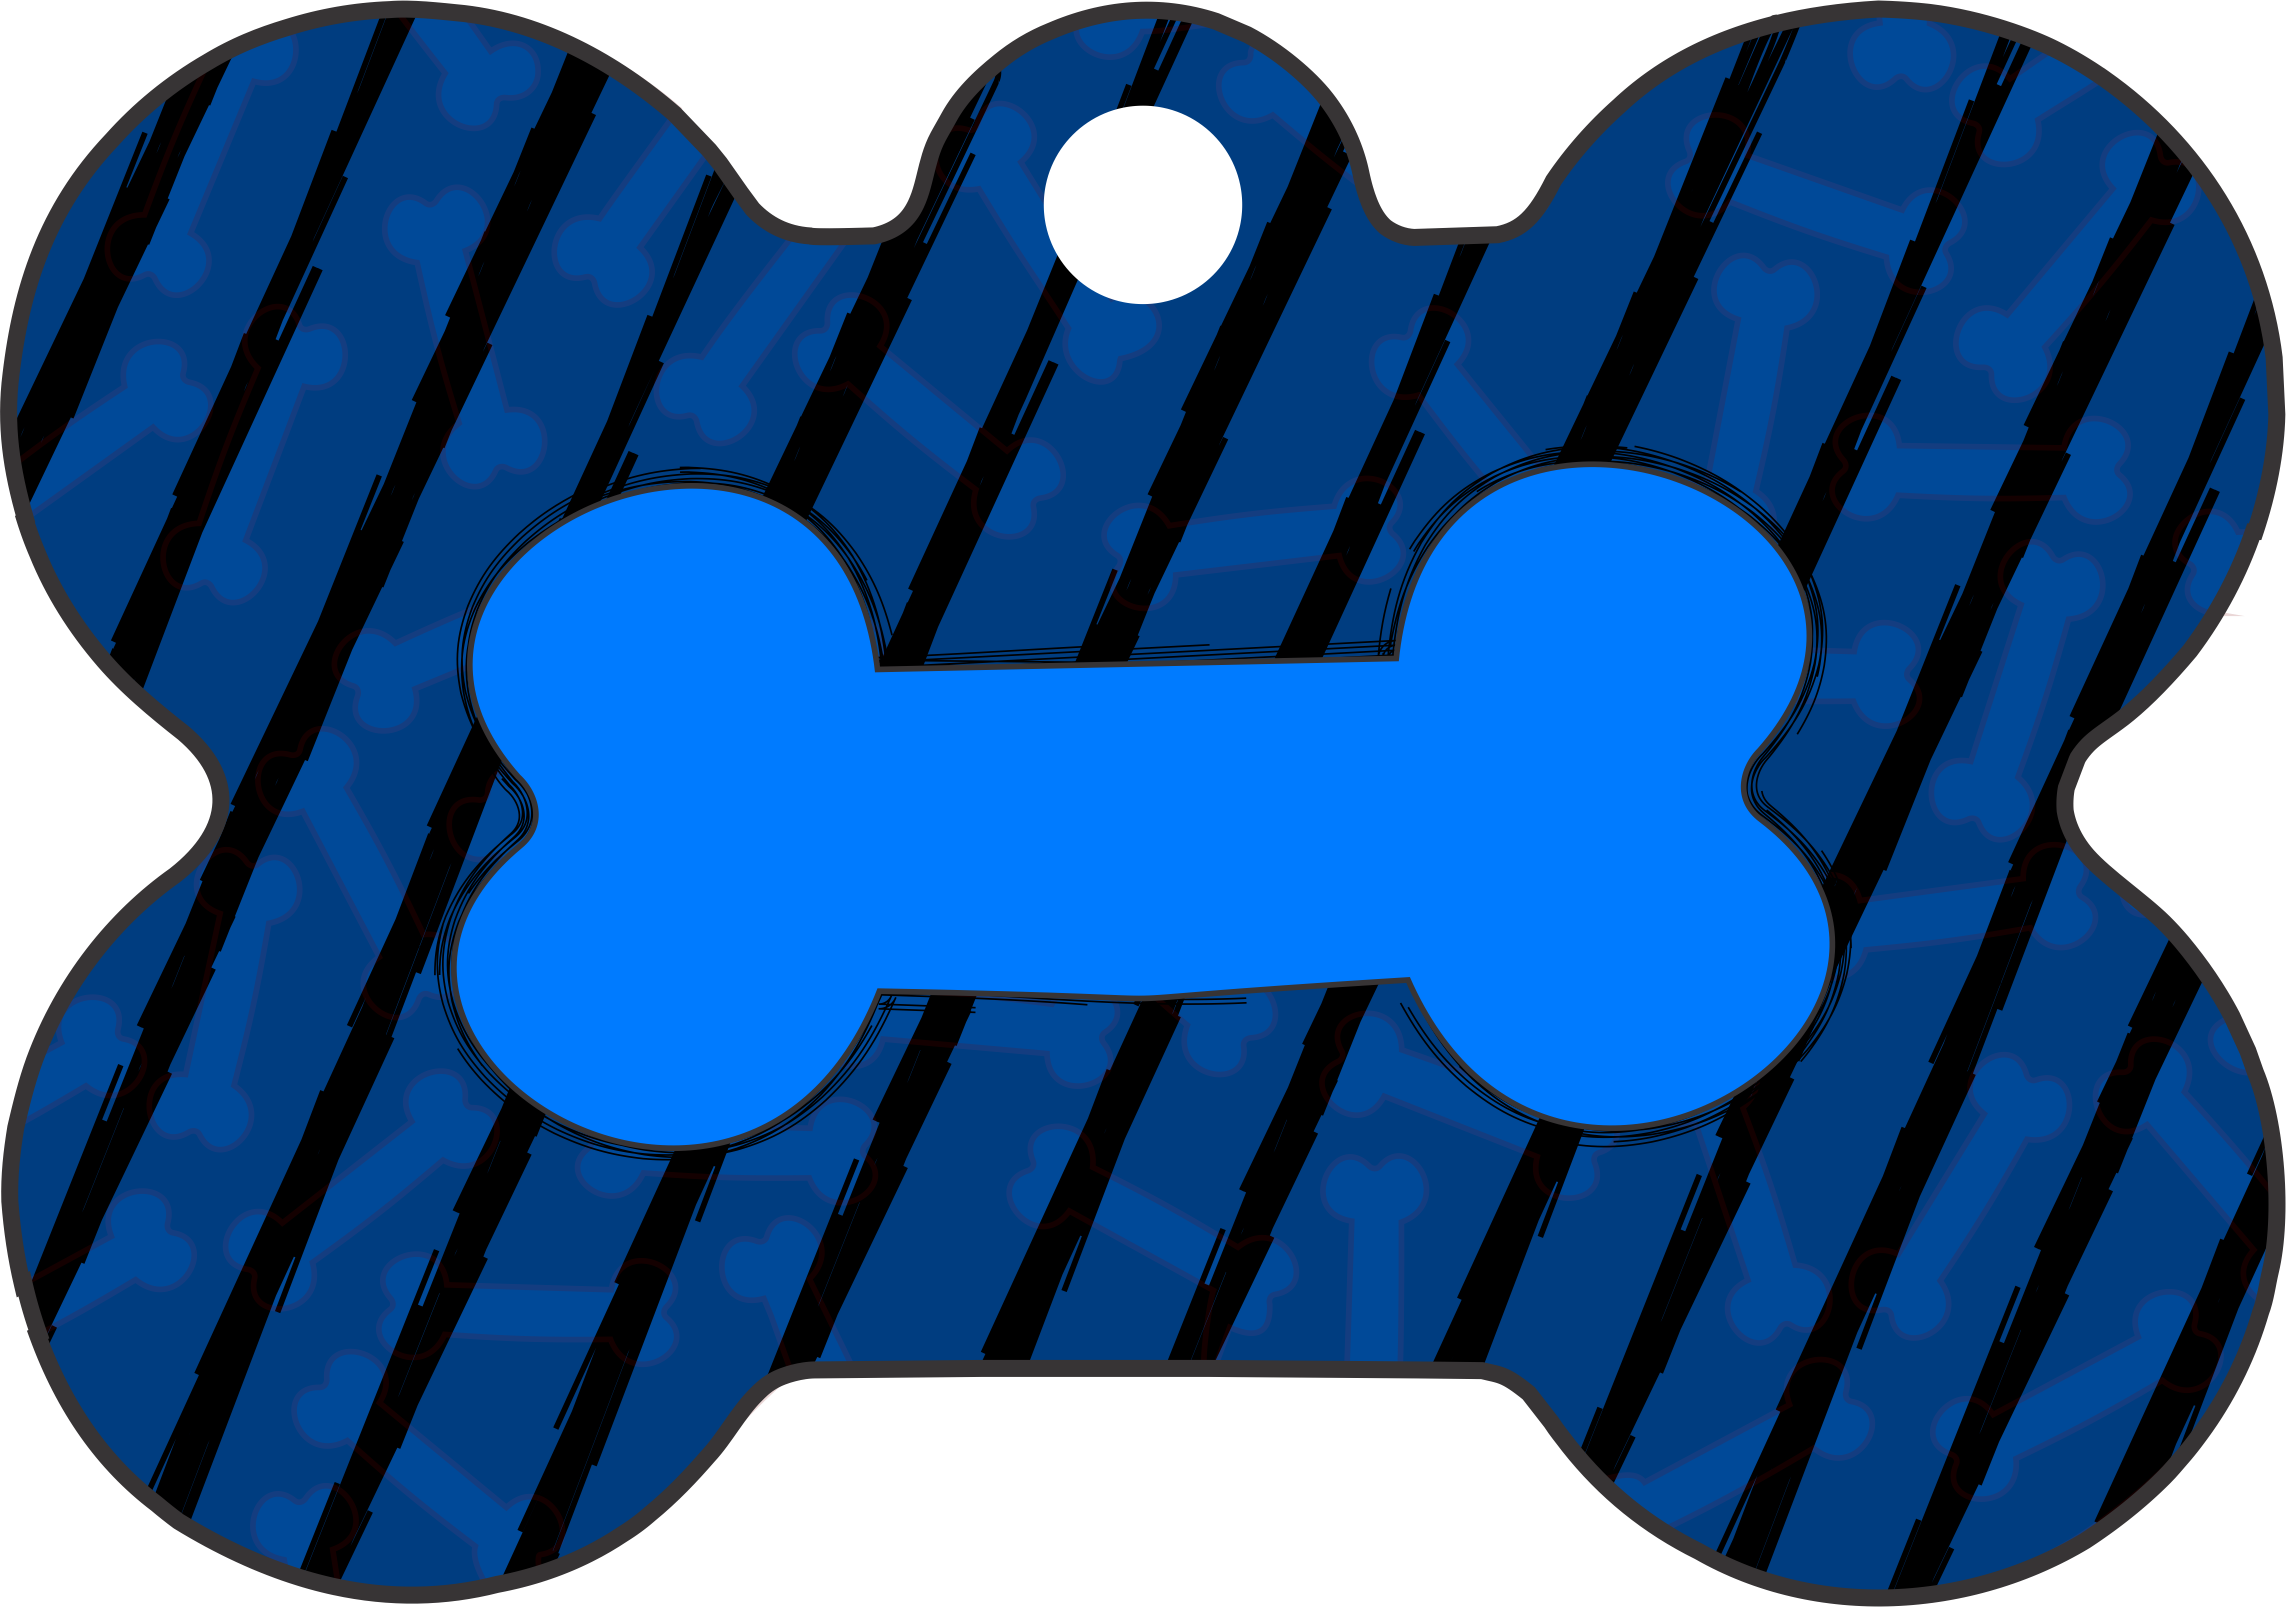 PACOTE DE PLACAS OSSO-(QTD: 5)-OSSO LISTRADO